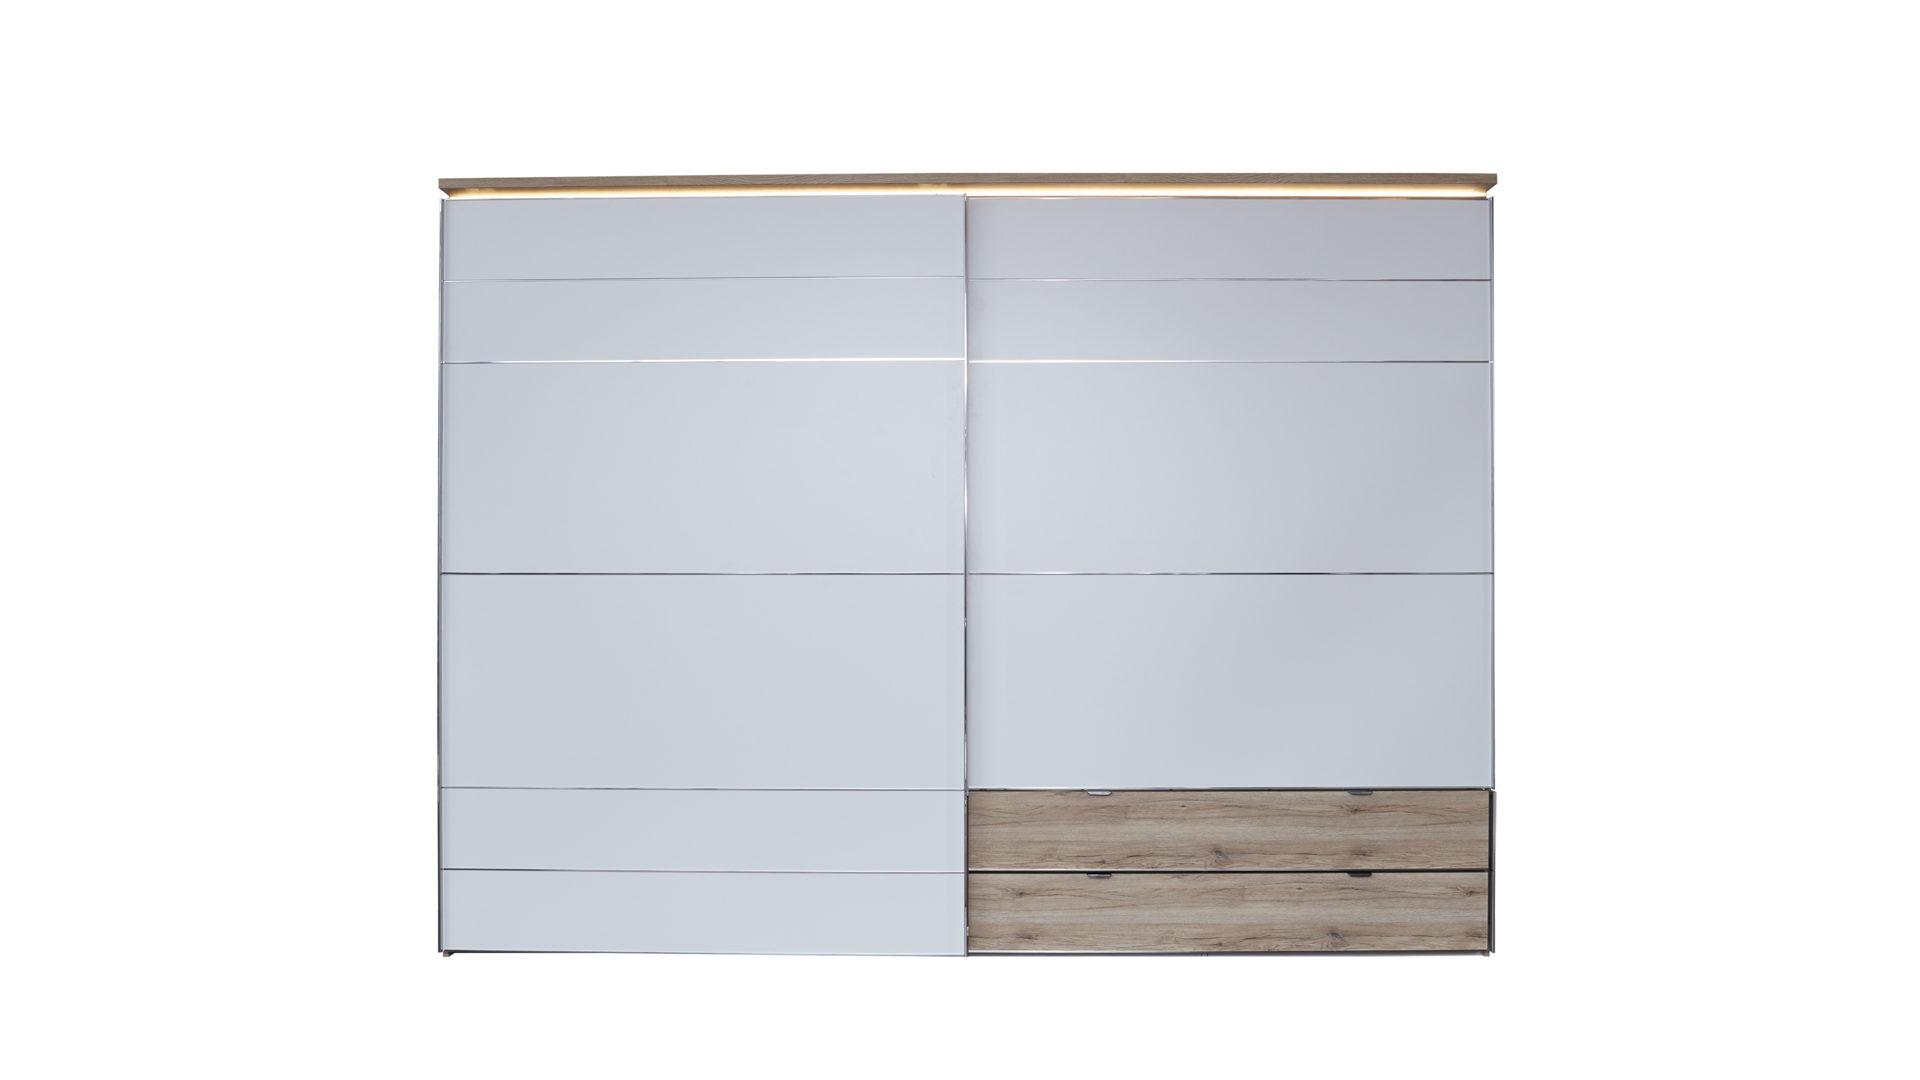 Interliving Kleiderschrank Serie 1201 – Schwebetürenschrank, weiße ...